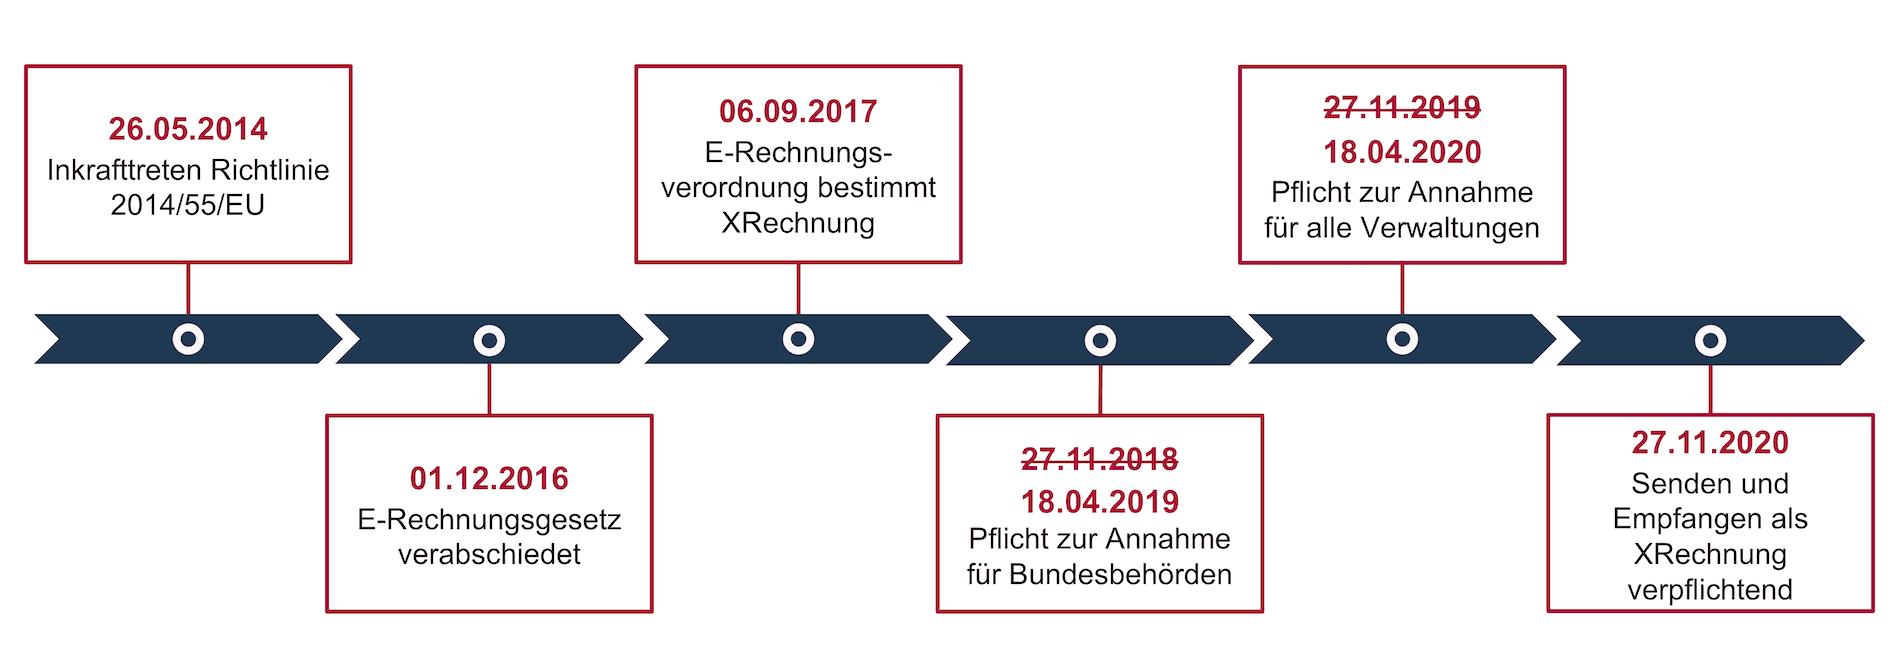 Wichtige Meilensteine der e-Rechnung in Deutschland XRechnung